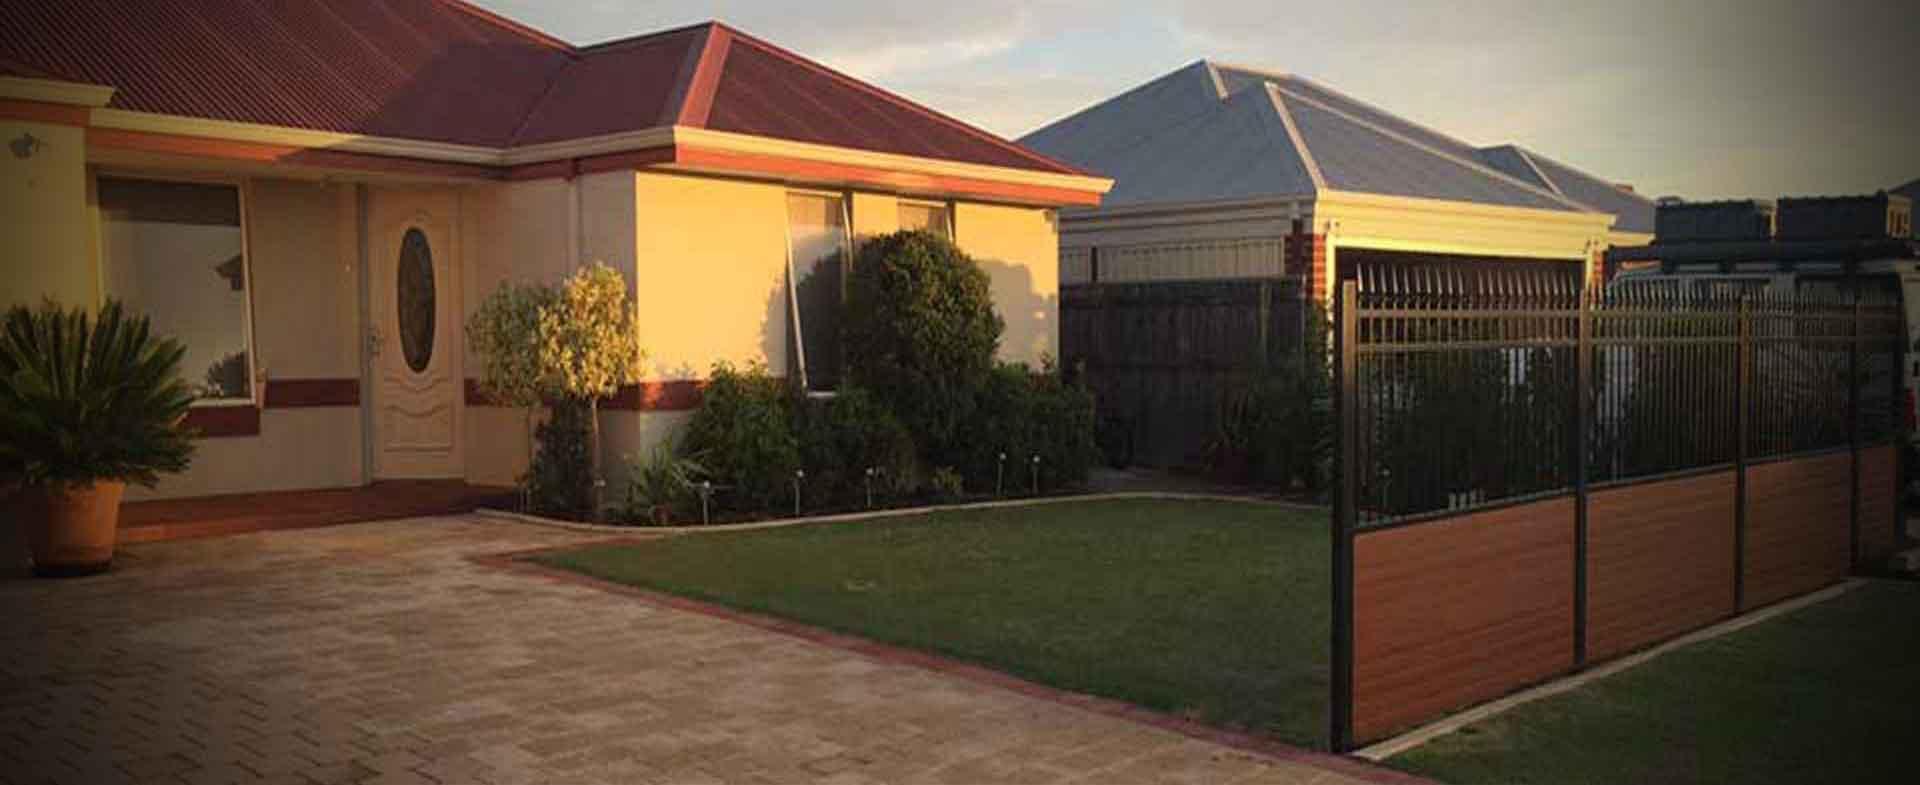 Slats Fencing Perth